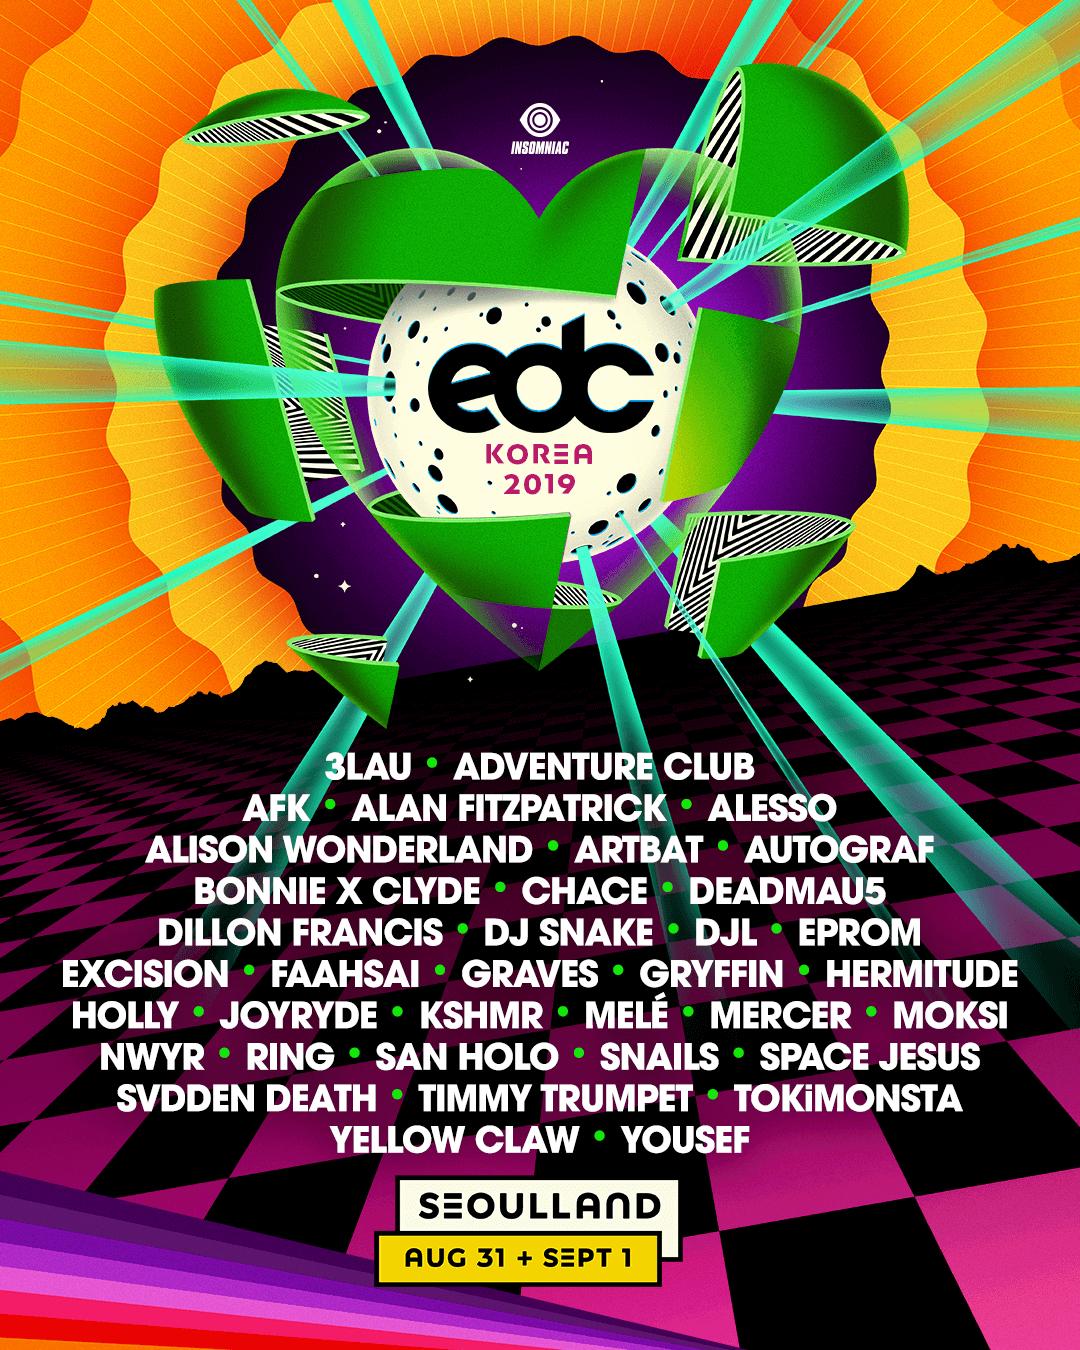 EDC Korea 2019 lineup